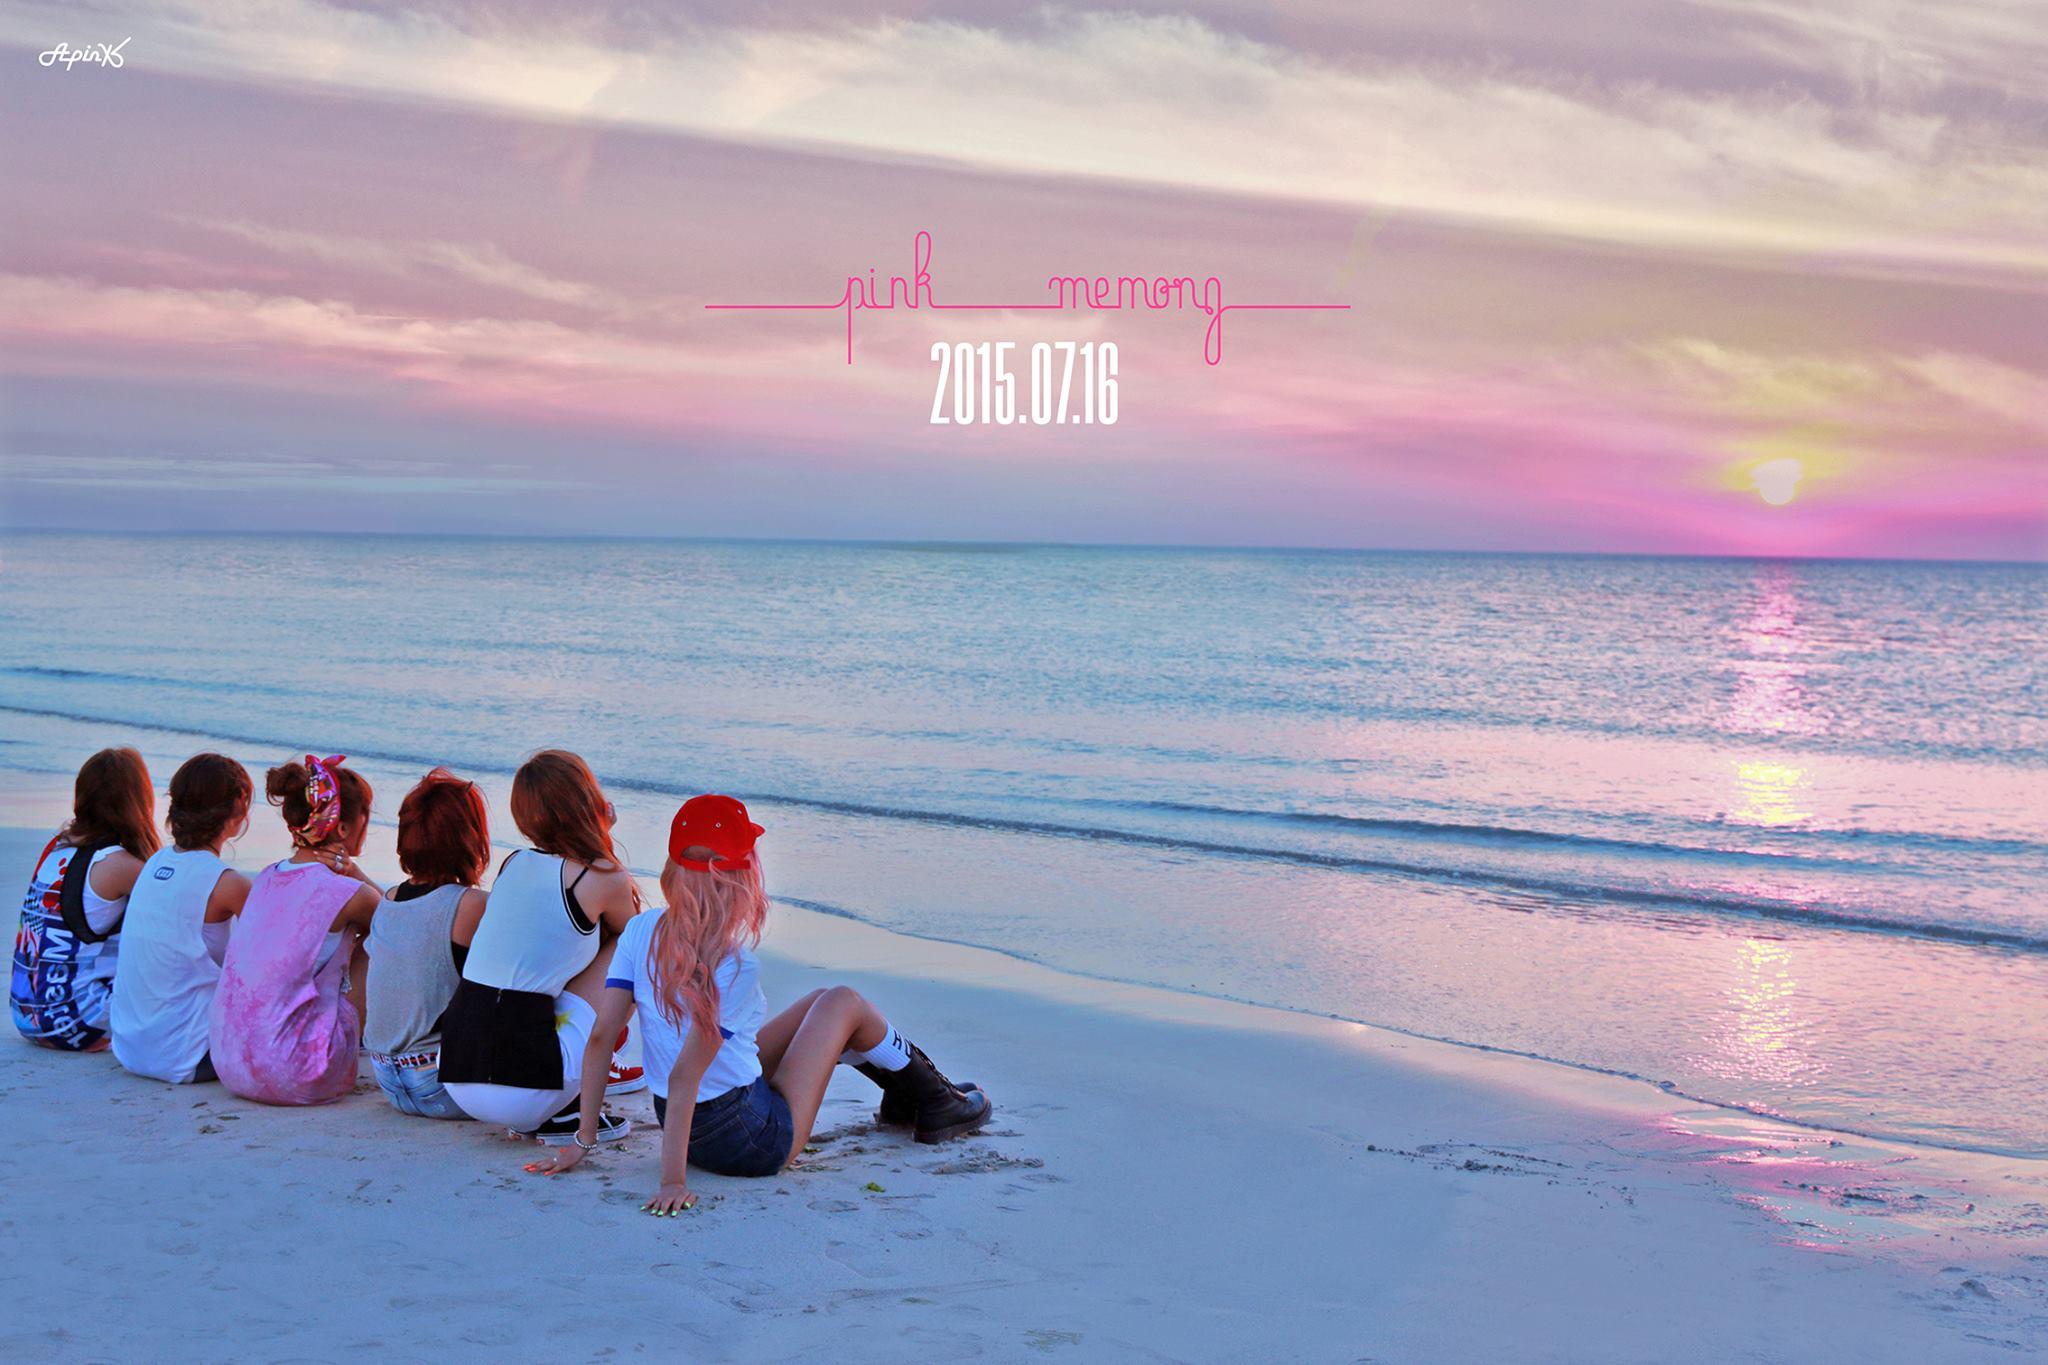 最近大勢竄升的女團Apink昨天也公開回歸照片! 居然!剛好跟少女時代這次回歸的形象一樣!都是在海邊啊! (怎麼樣?大家現在是說好了嗎?)